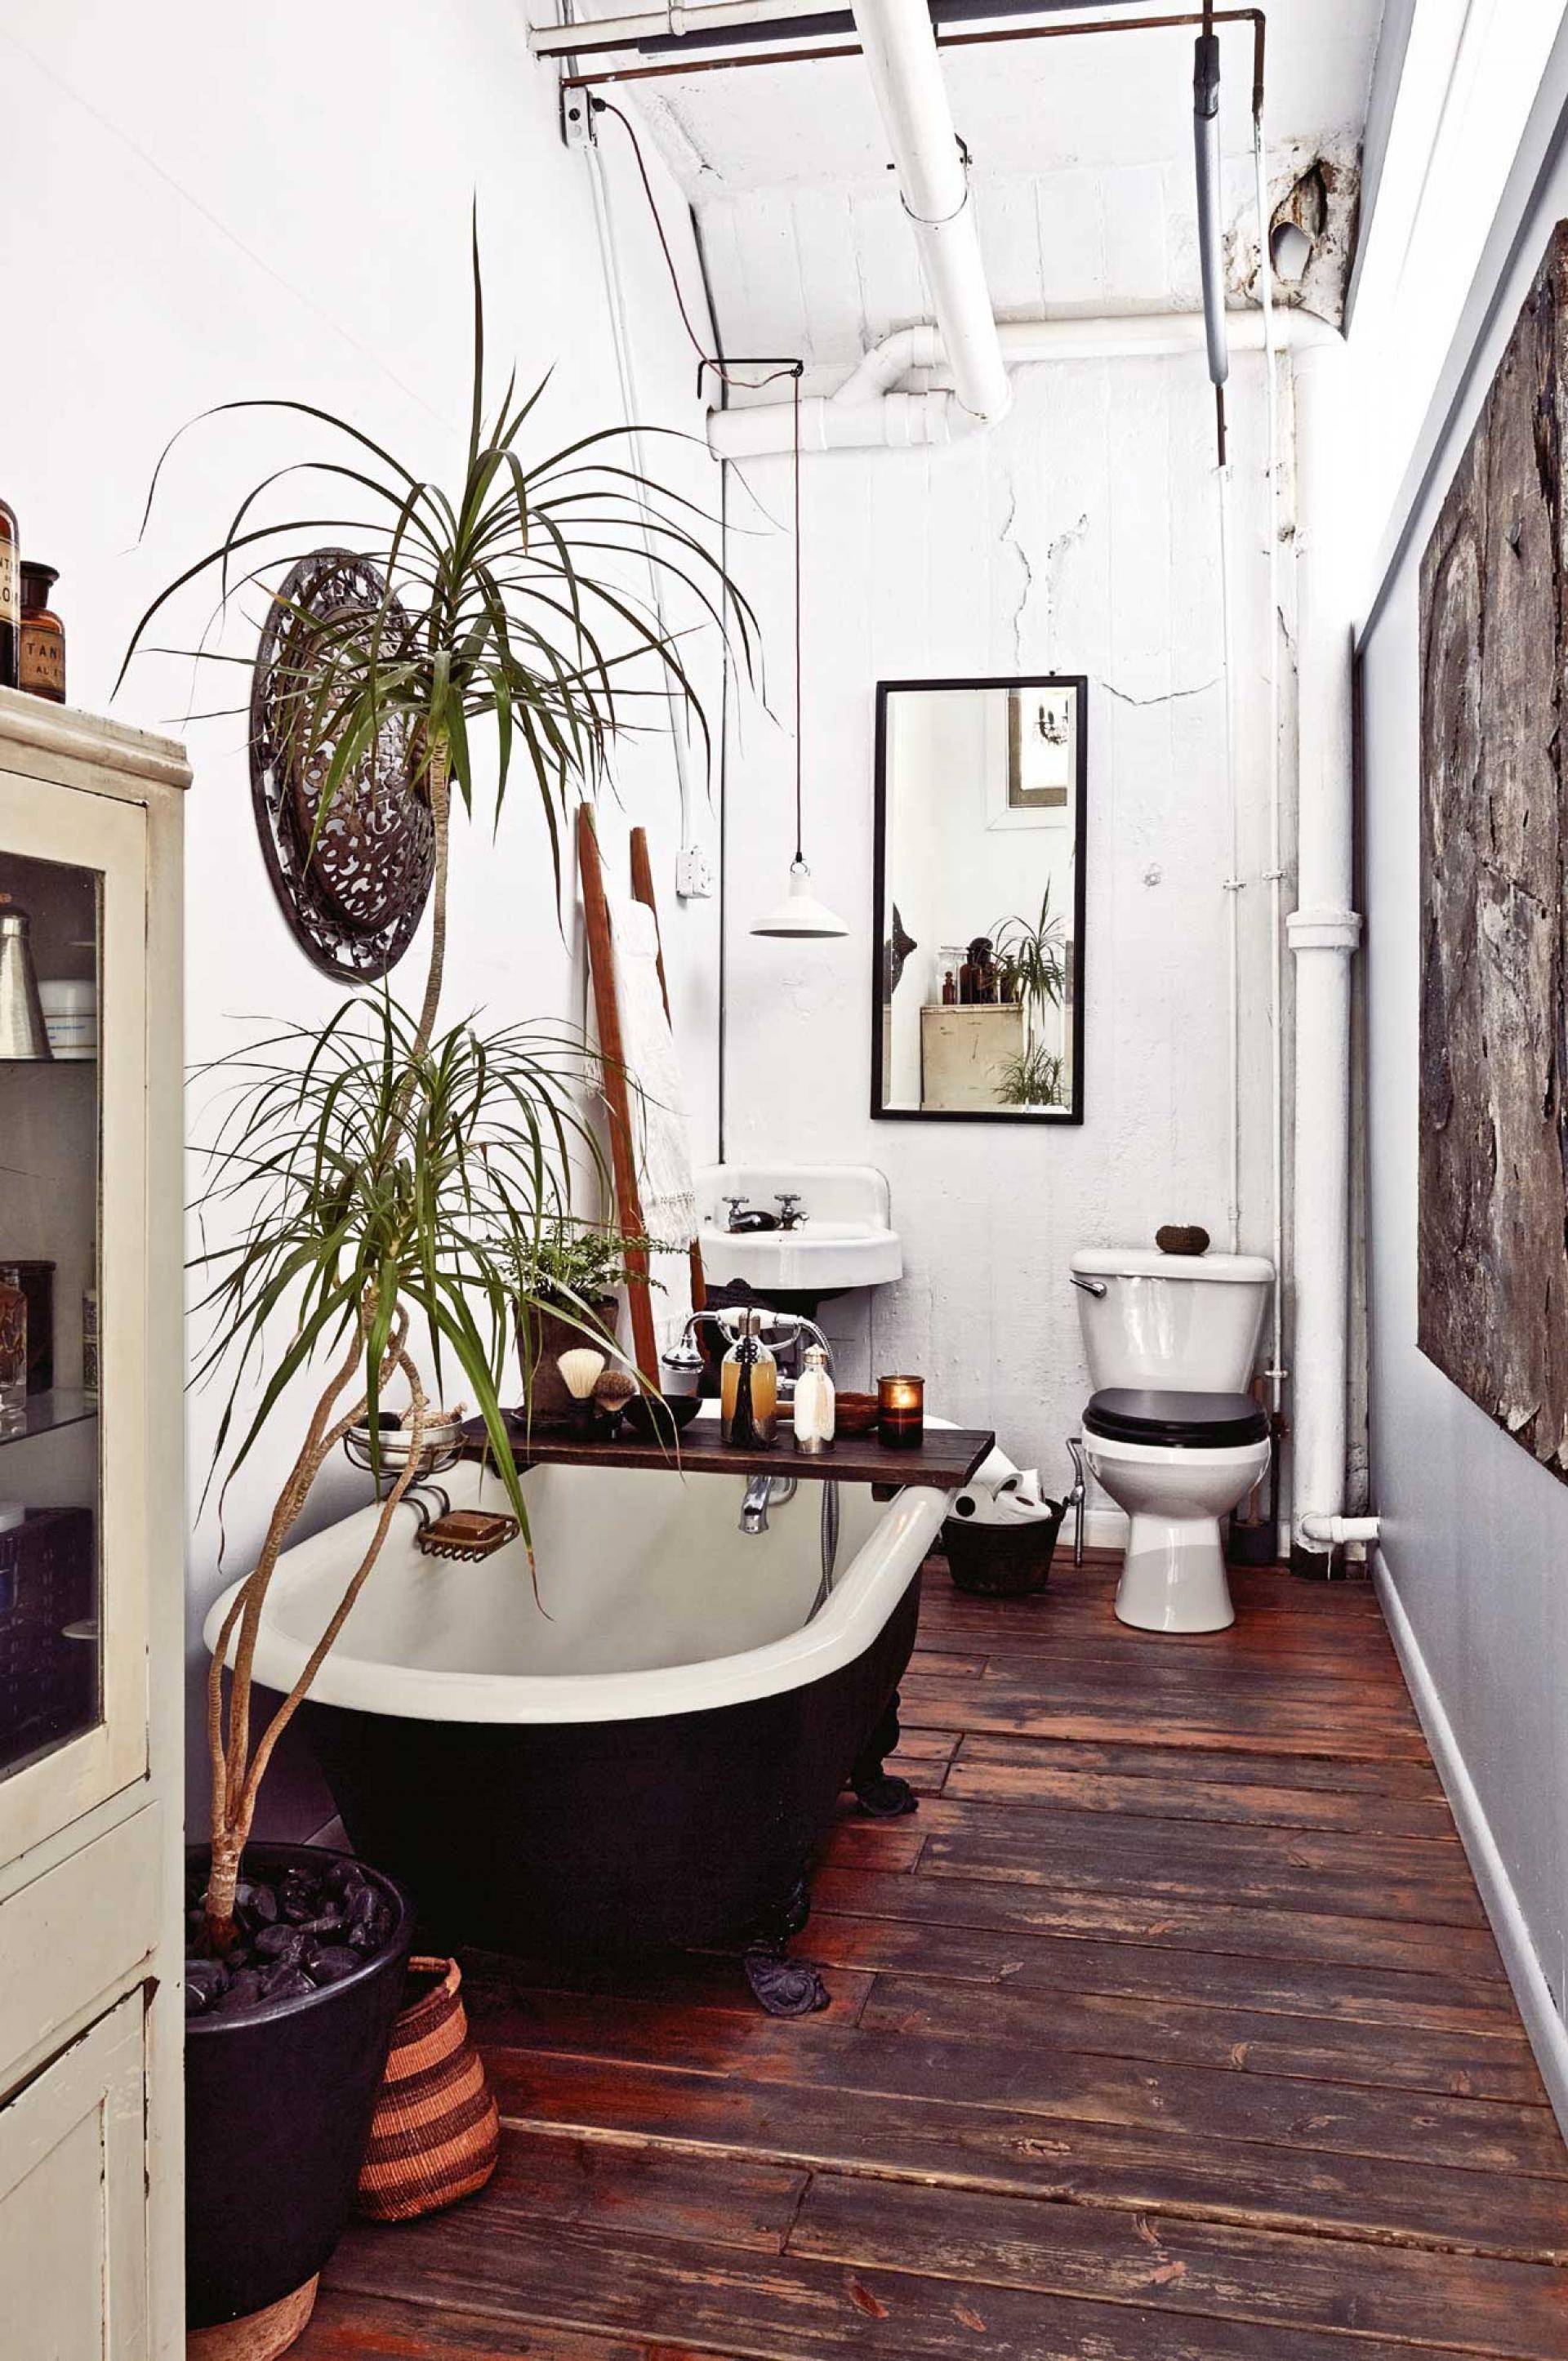 Zauberhaft Denn Hier Passt Einfach Alles Dielenboden Freistehende Badewanne Style At Home Bad Styling Billige Wohnkultur